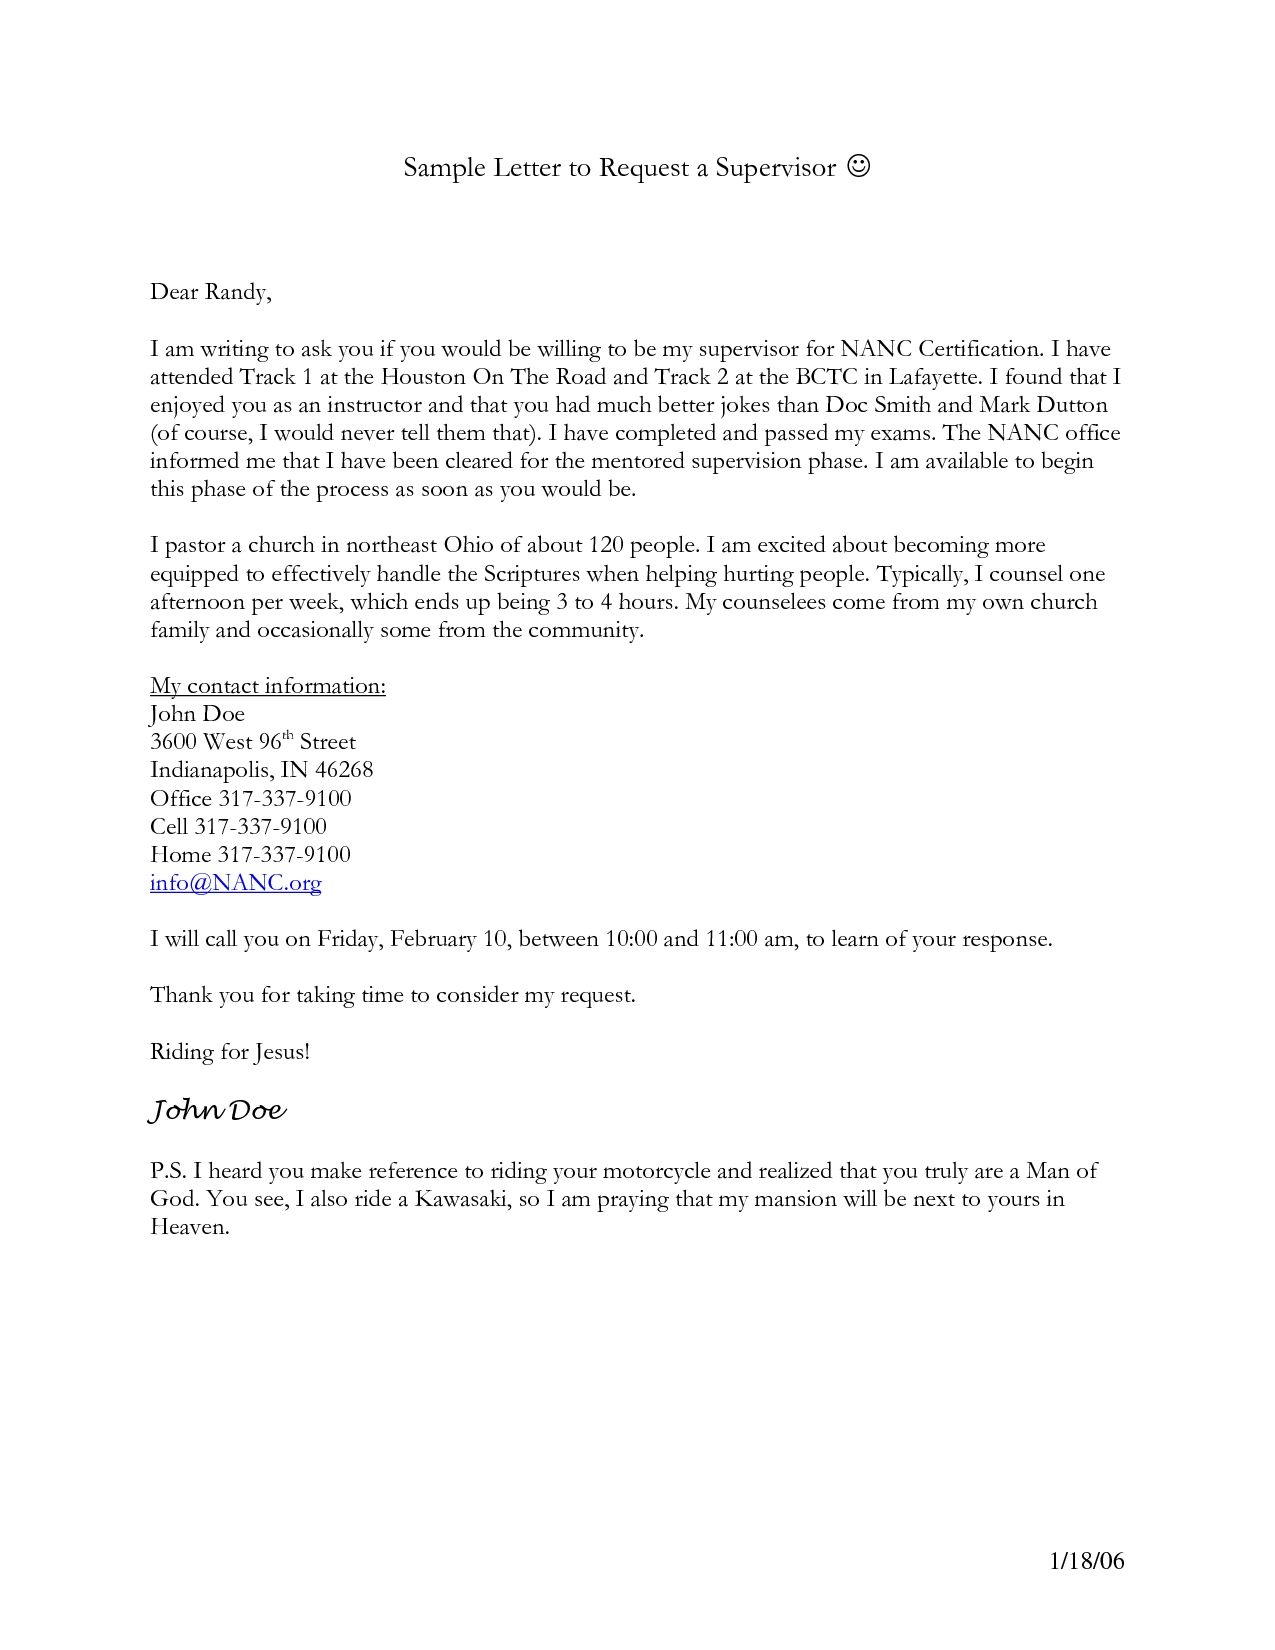 Official Letter Sample Pinterest Template Letterhead Balloons